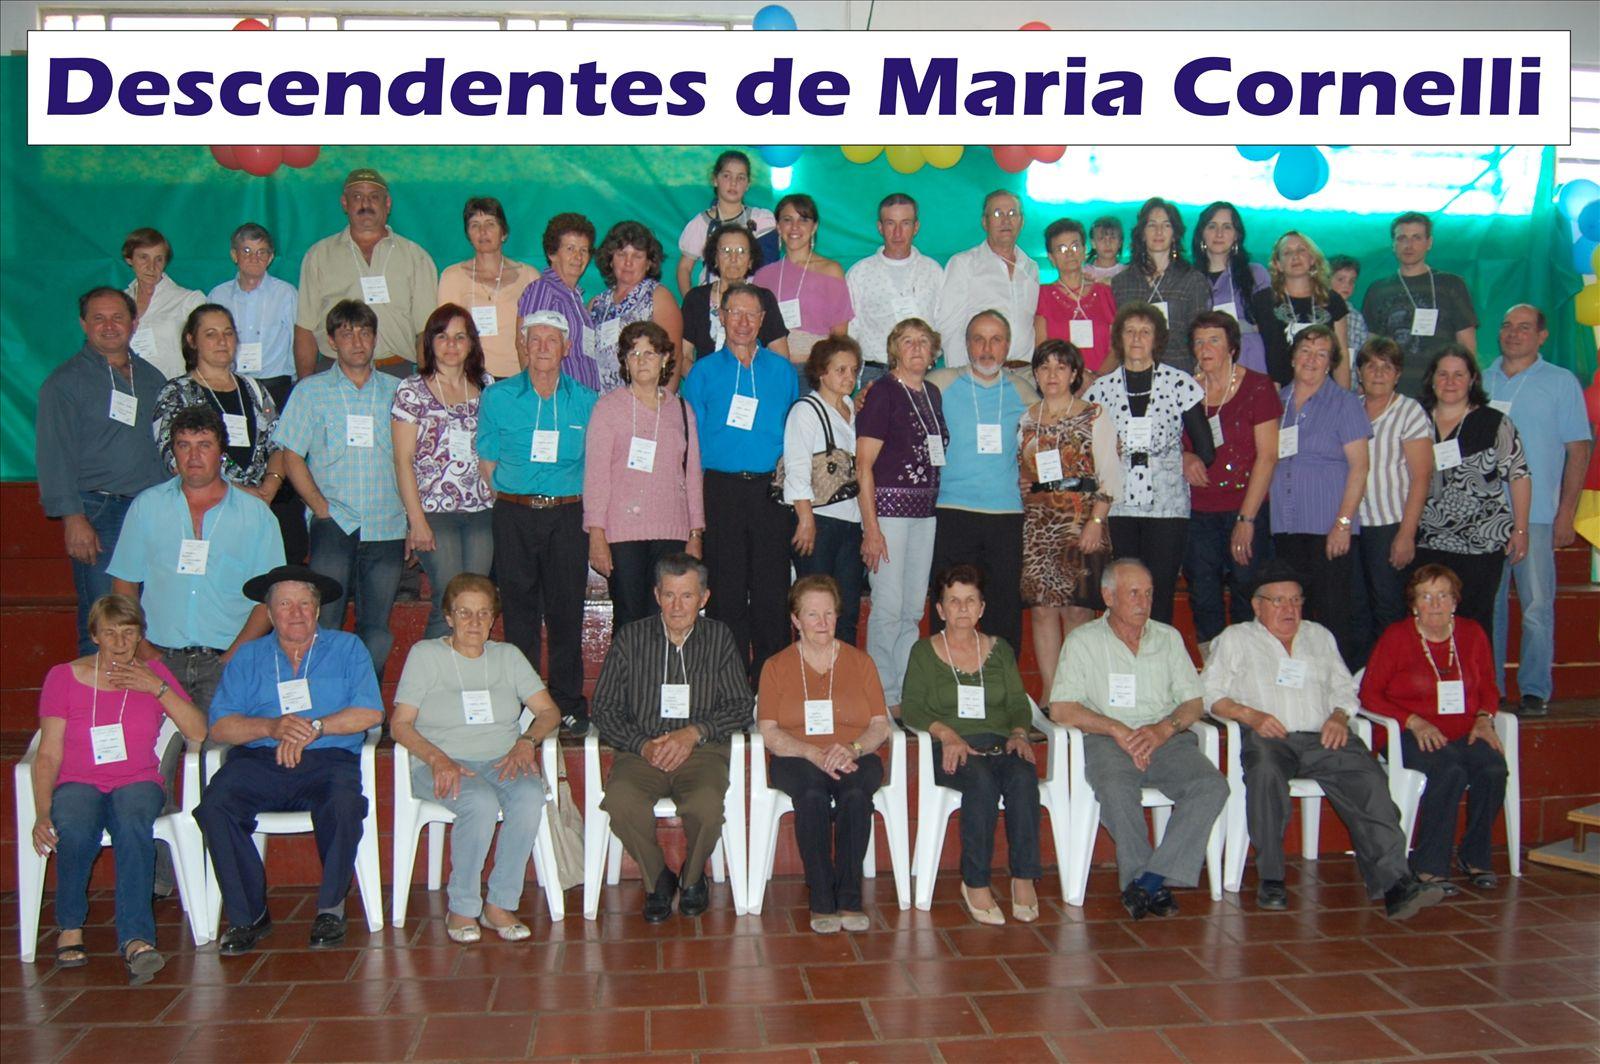 Descendentes de Maria Cornelli 02_0